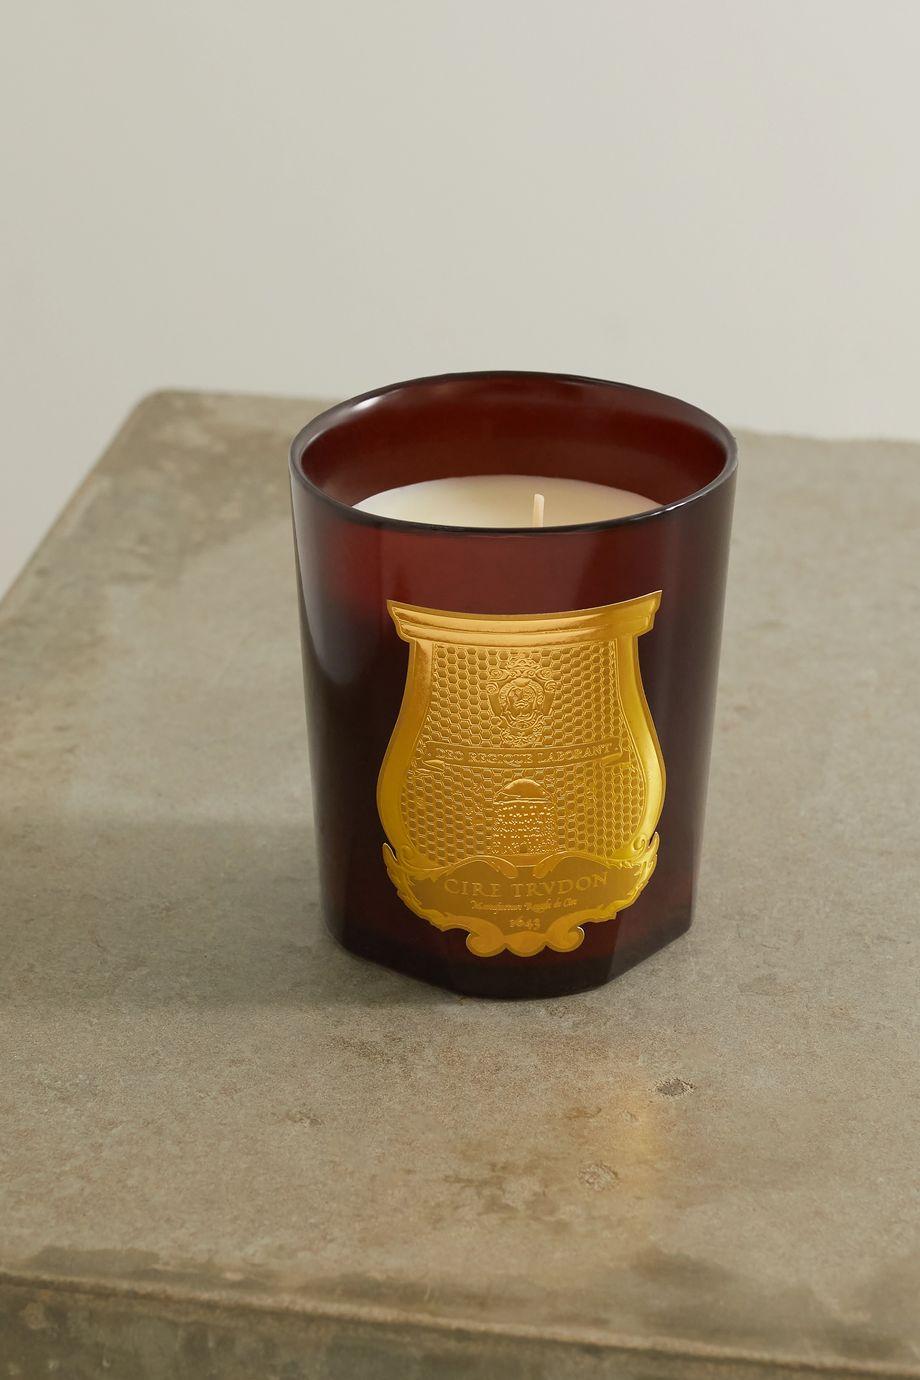 Cire Trudon Bougie parfumée Cire, 270 g